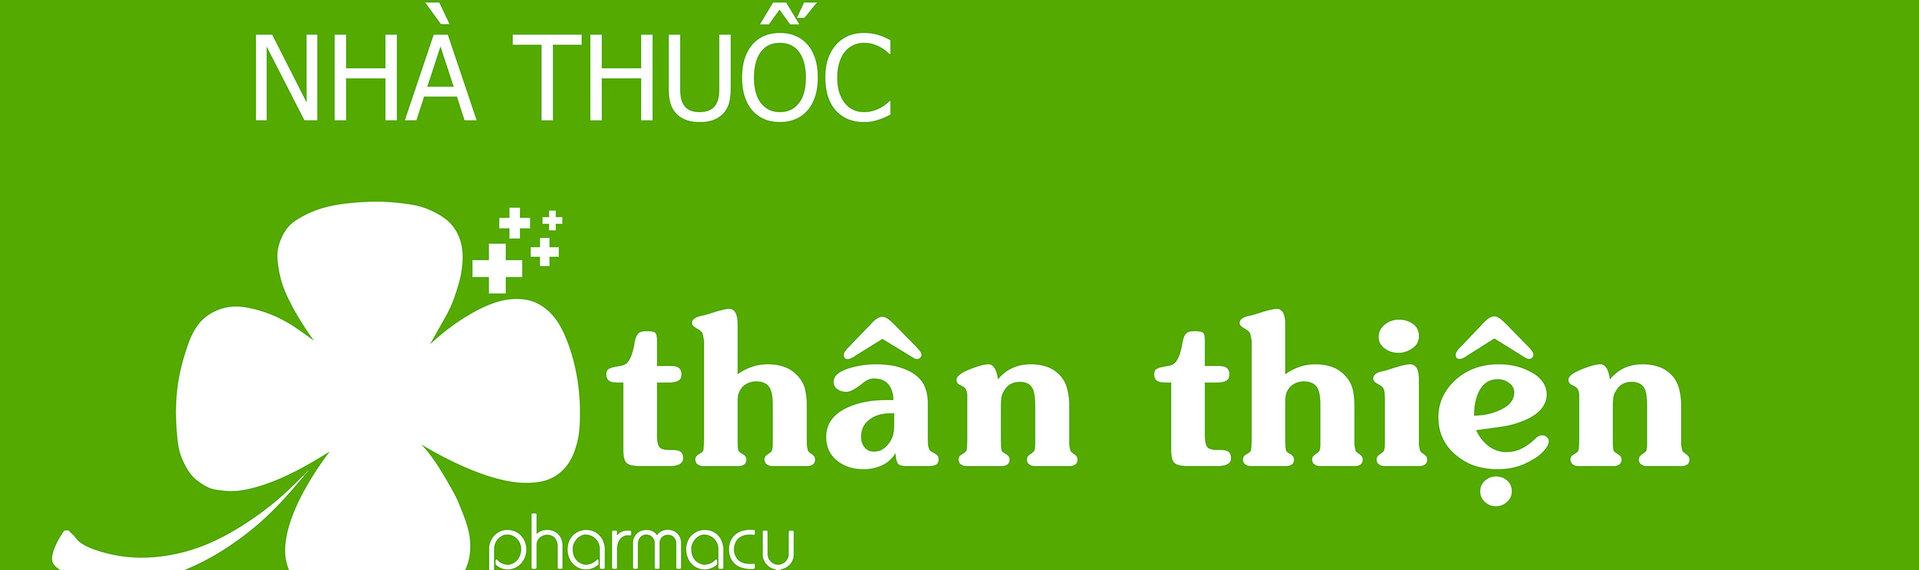 Nhà thuốc thân thiện Logo